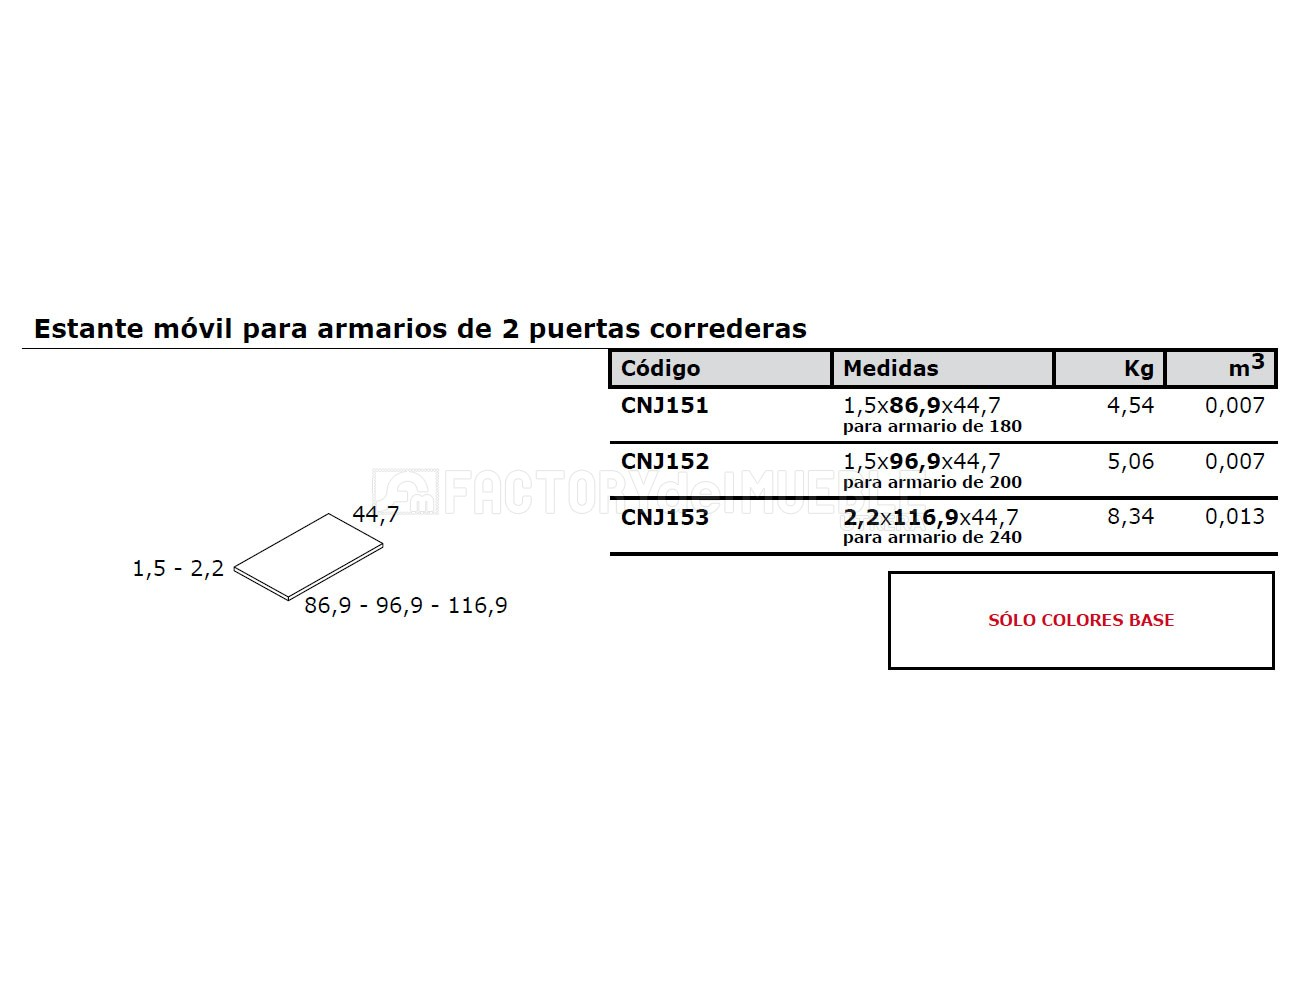 Estante cnj151 152 1532